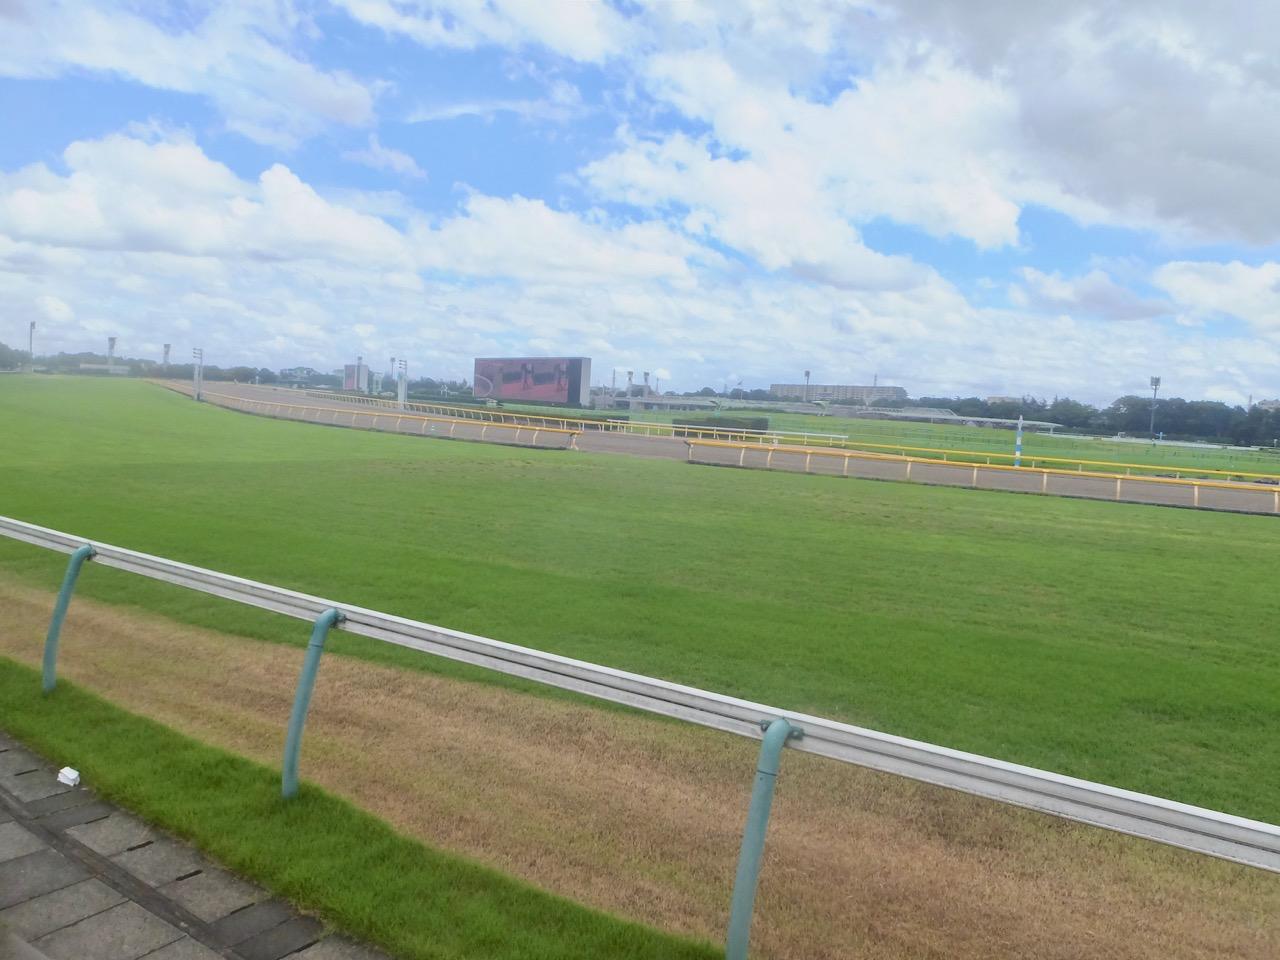 レース 映像 競馬